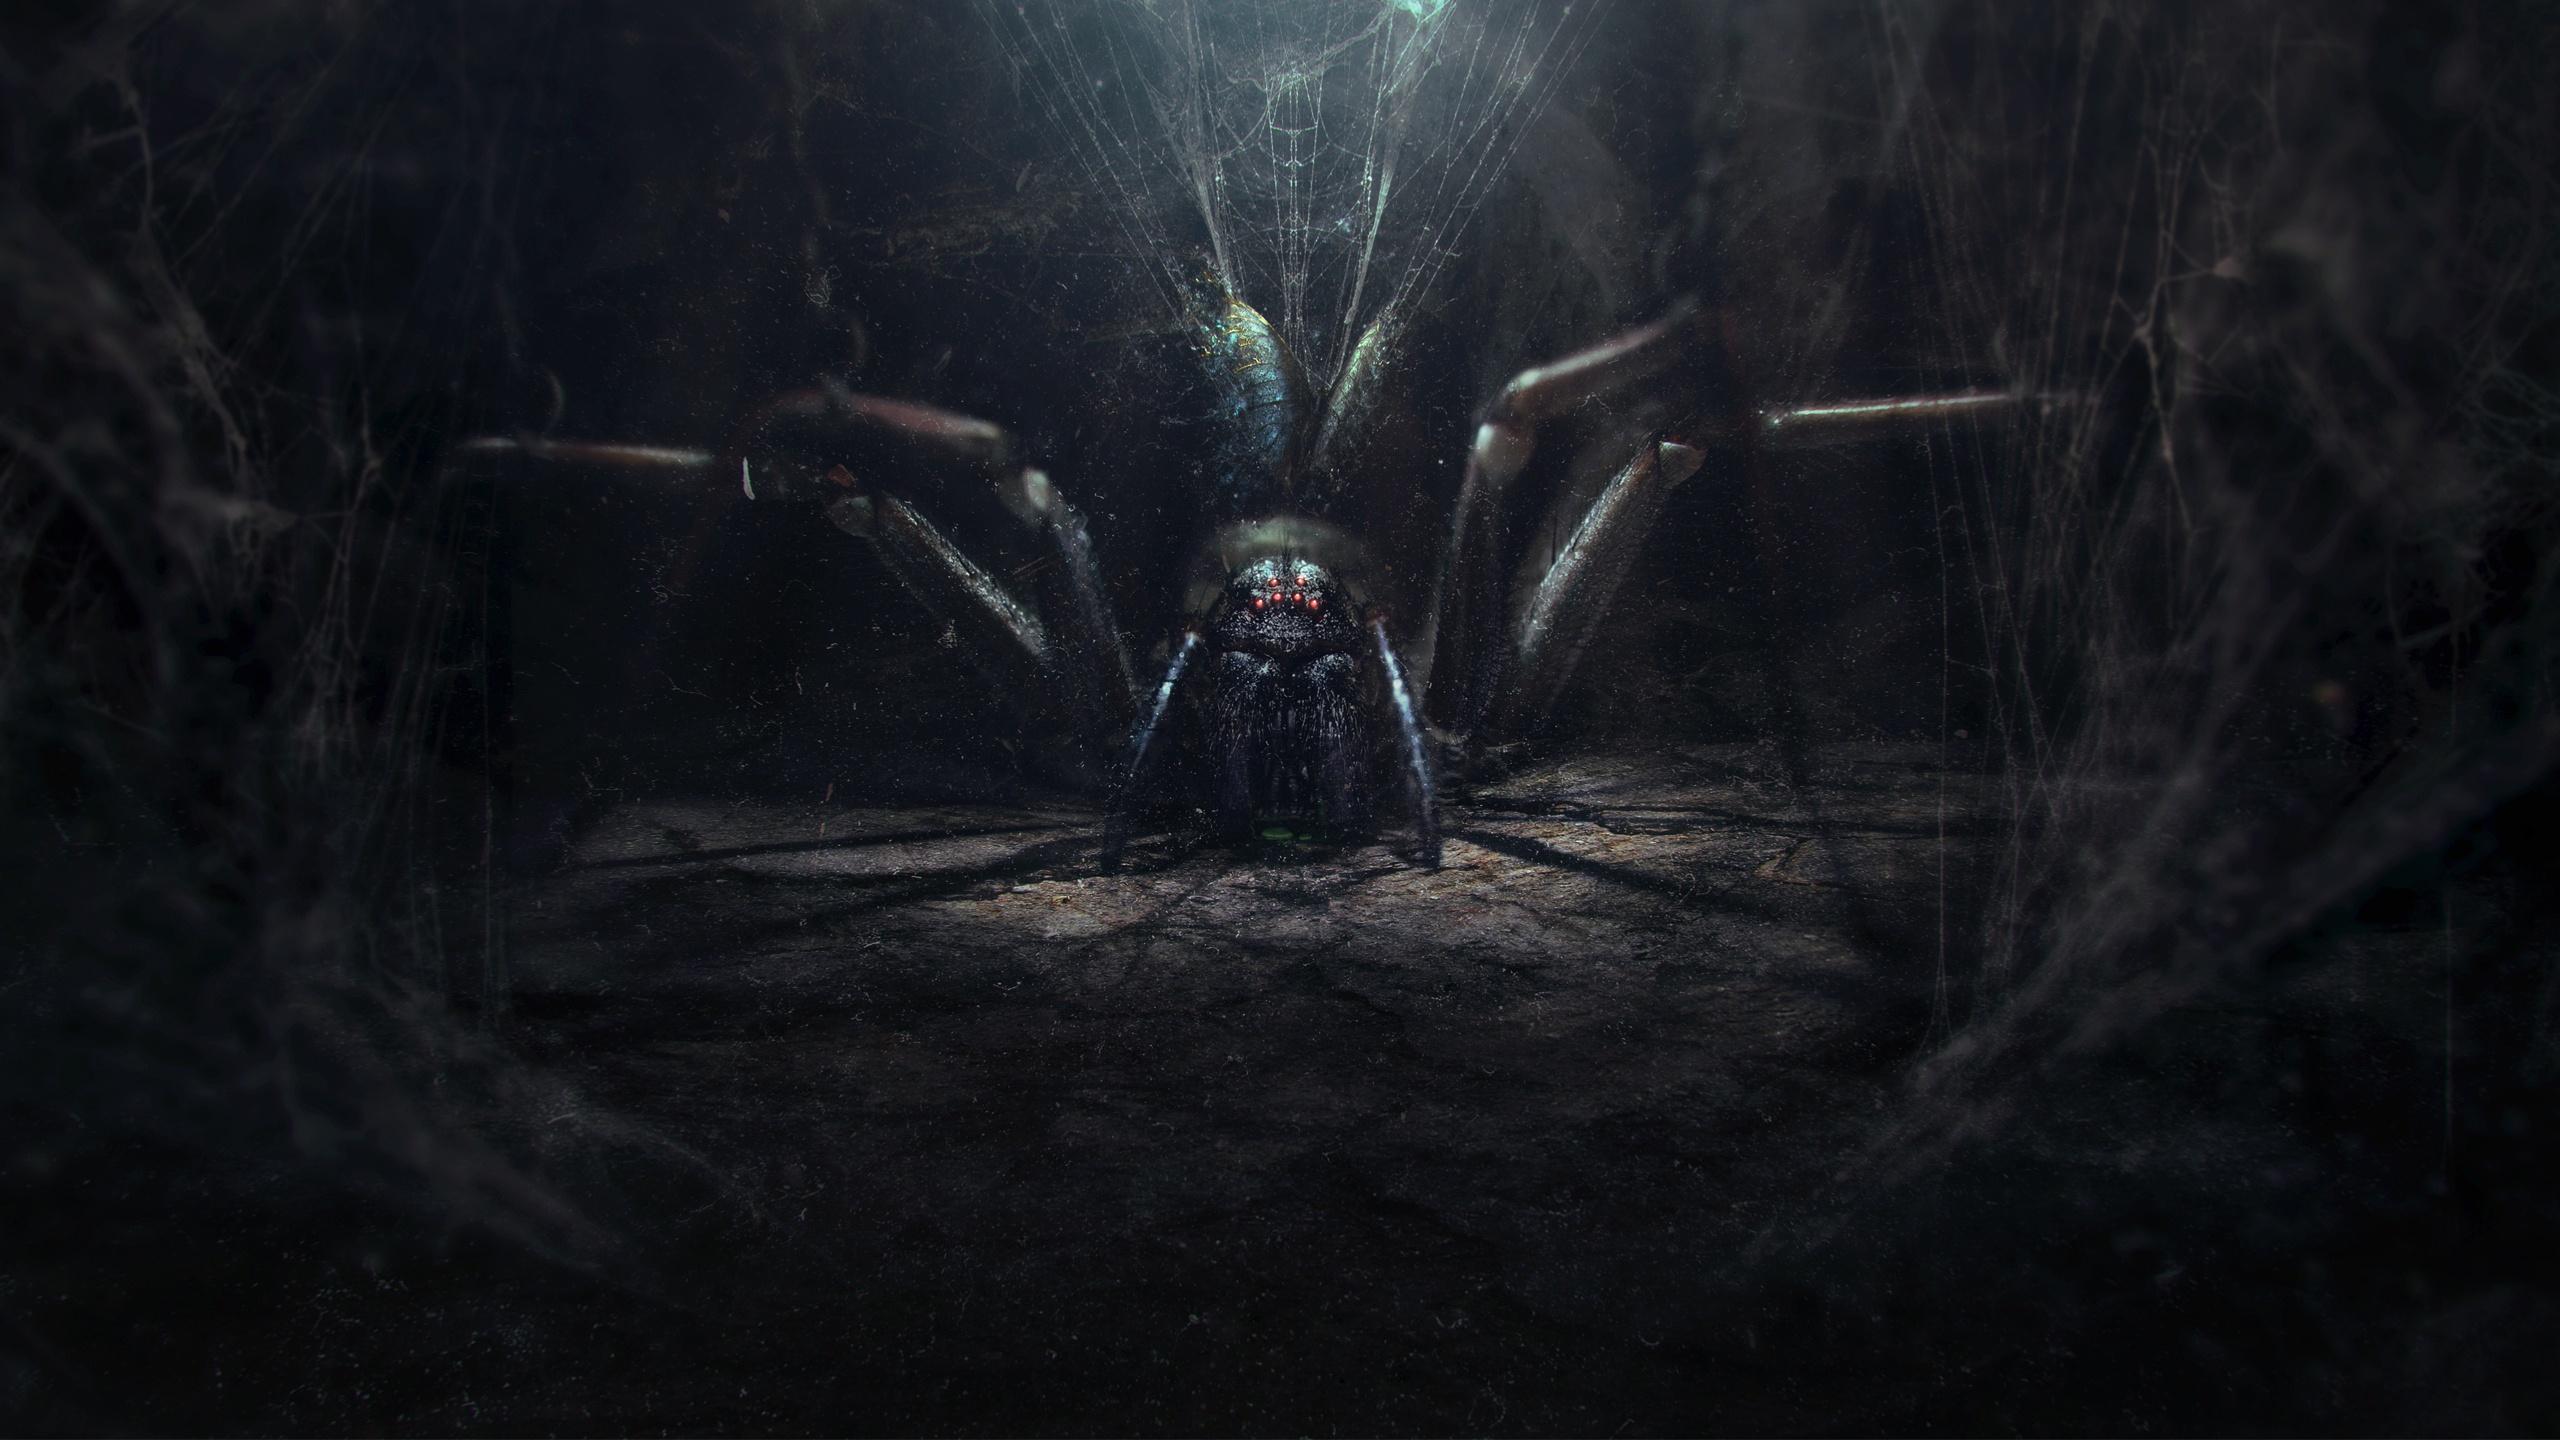 2560x1440 Illustrations pour des livres Araneaes Le Seigneur des anneaux Le Seigneur des anneaux: Le Retour du roi Cinéma Fantasy